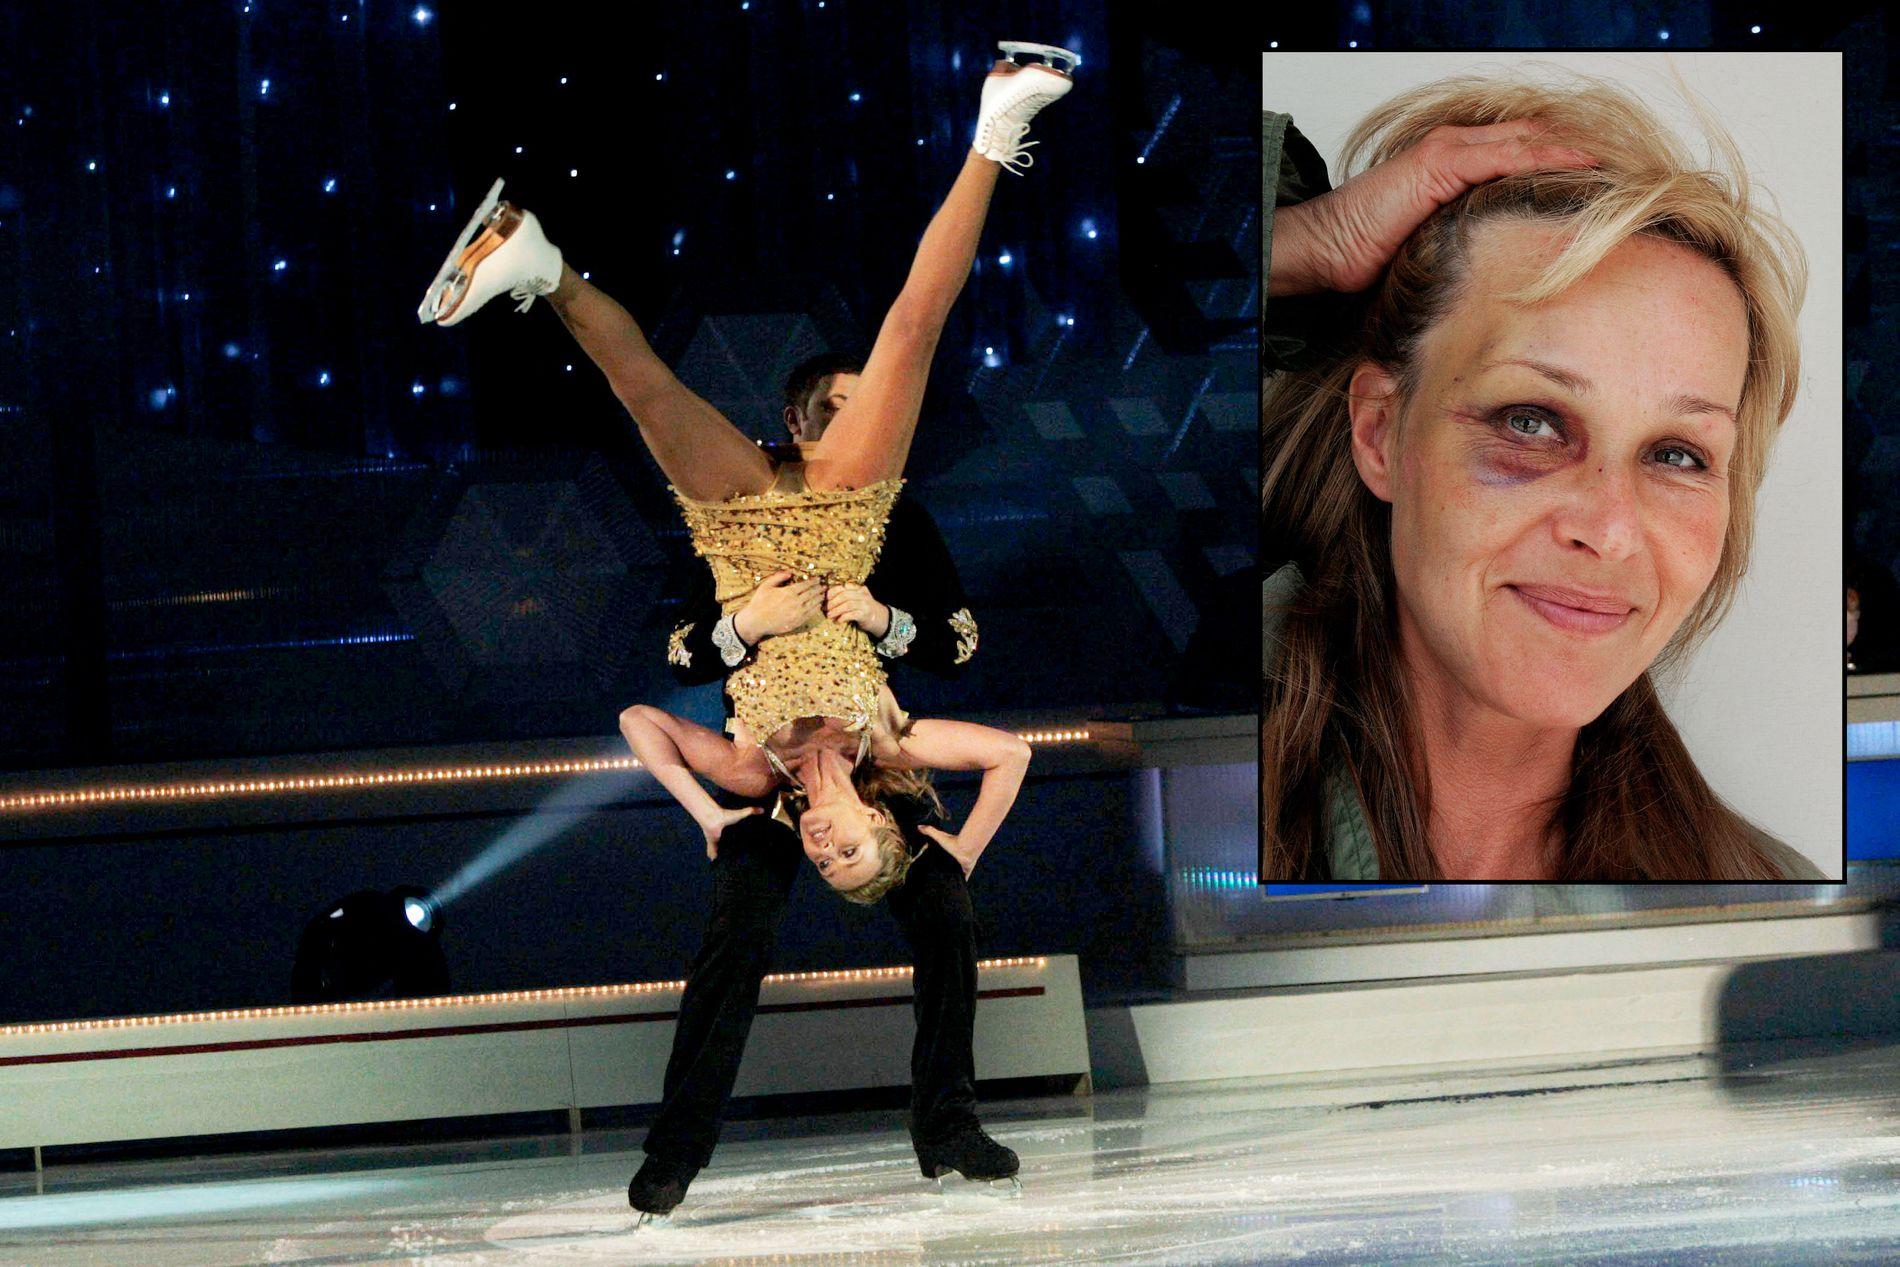 STERKT FORSLÅTT: Det var under generalprøven til «Isdans» at Dorthe smalt ansiktet i isen da dansepartneren hennes mistet balansen. Elleve år senere har hun fortsatt ikke sett klippene av det som skjedde.